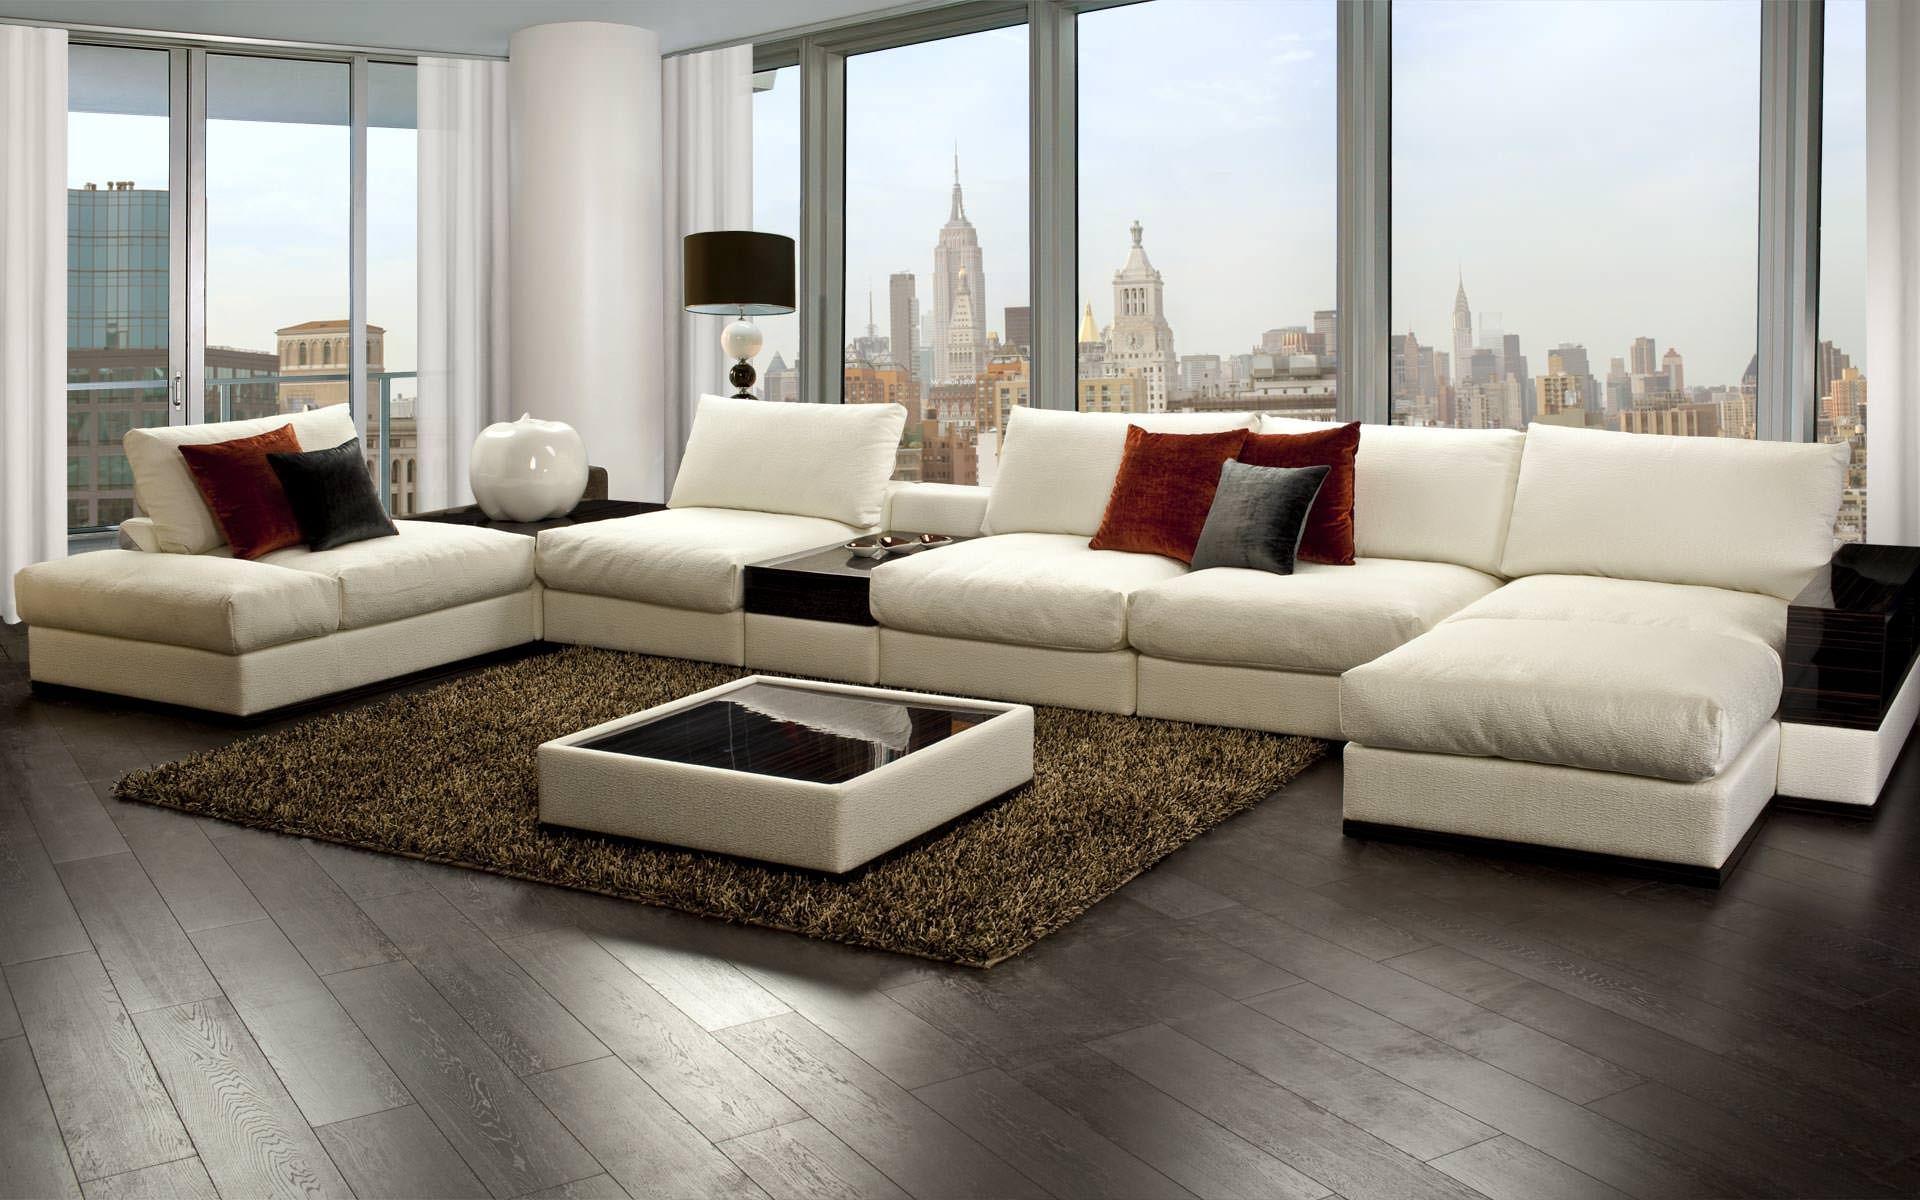 угловые диваны - Поиск в Google | Коллаж дизайн | Pinterest | Interiors